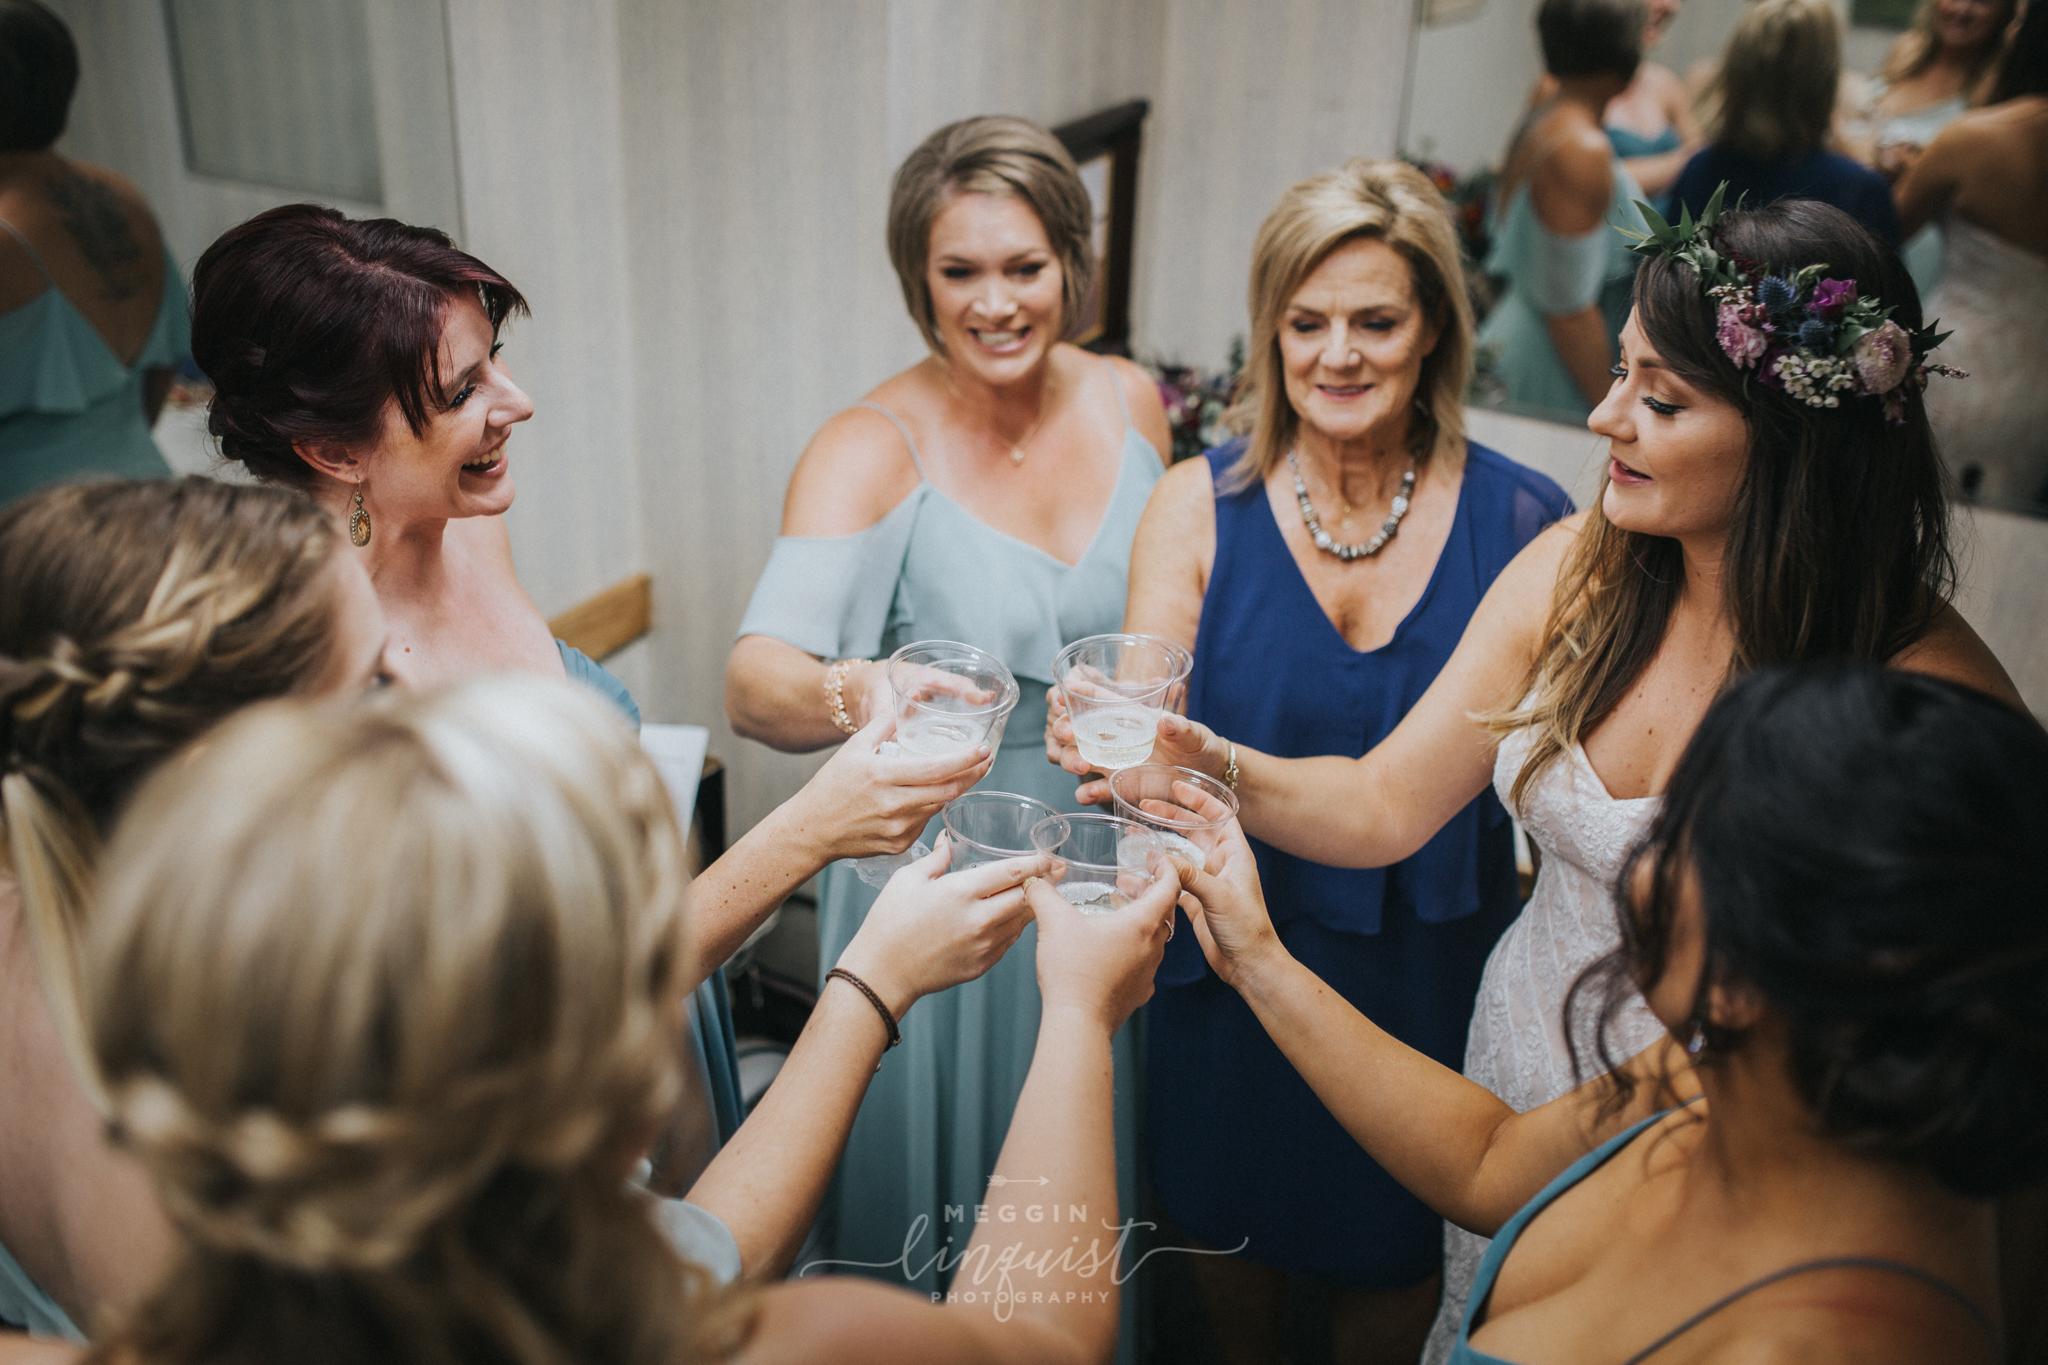 bohemian-style-lake-wedding-reno-lake-tahoe-wedding-photographer-10.jpg